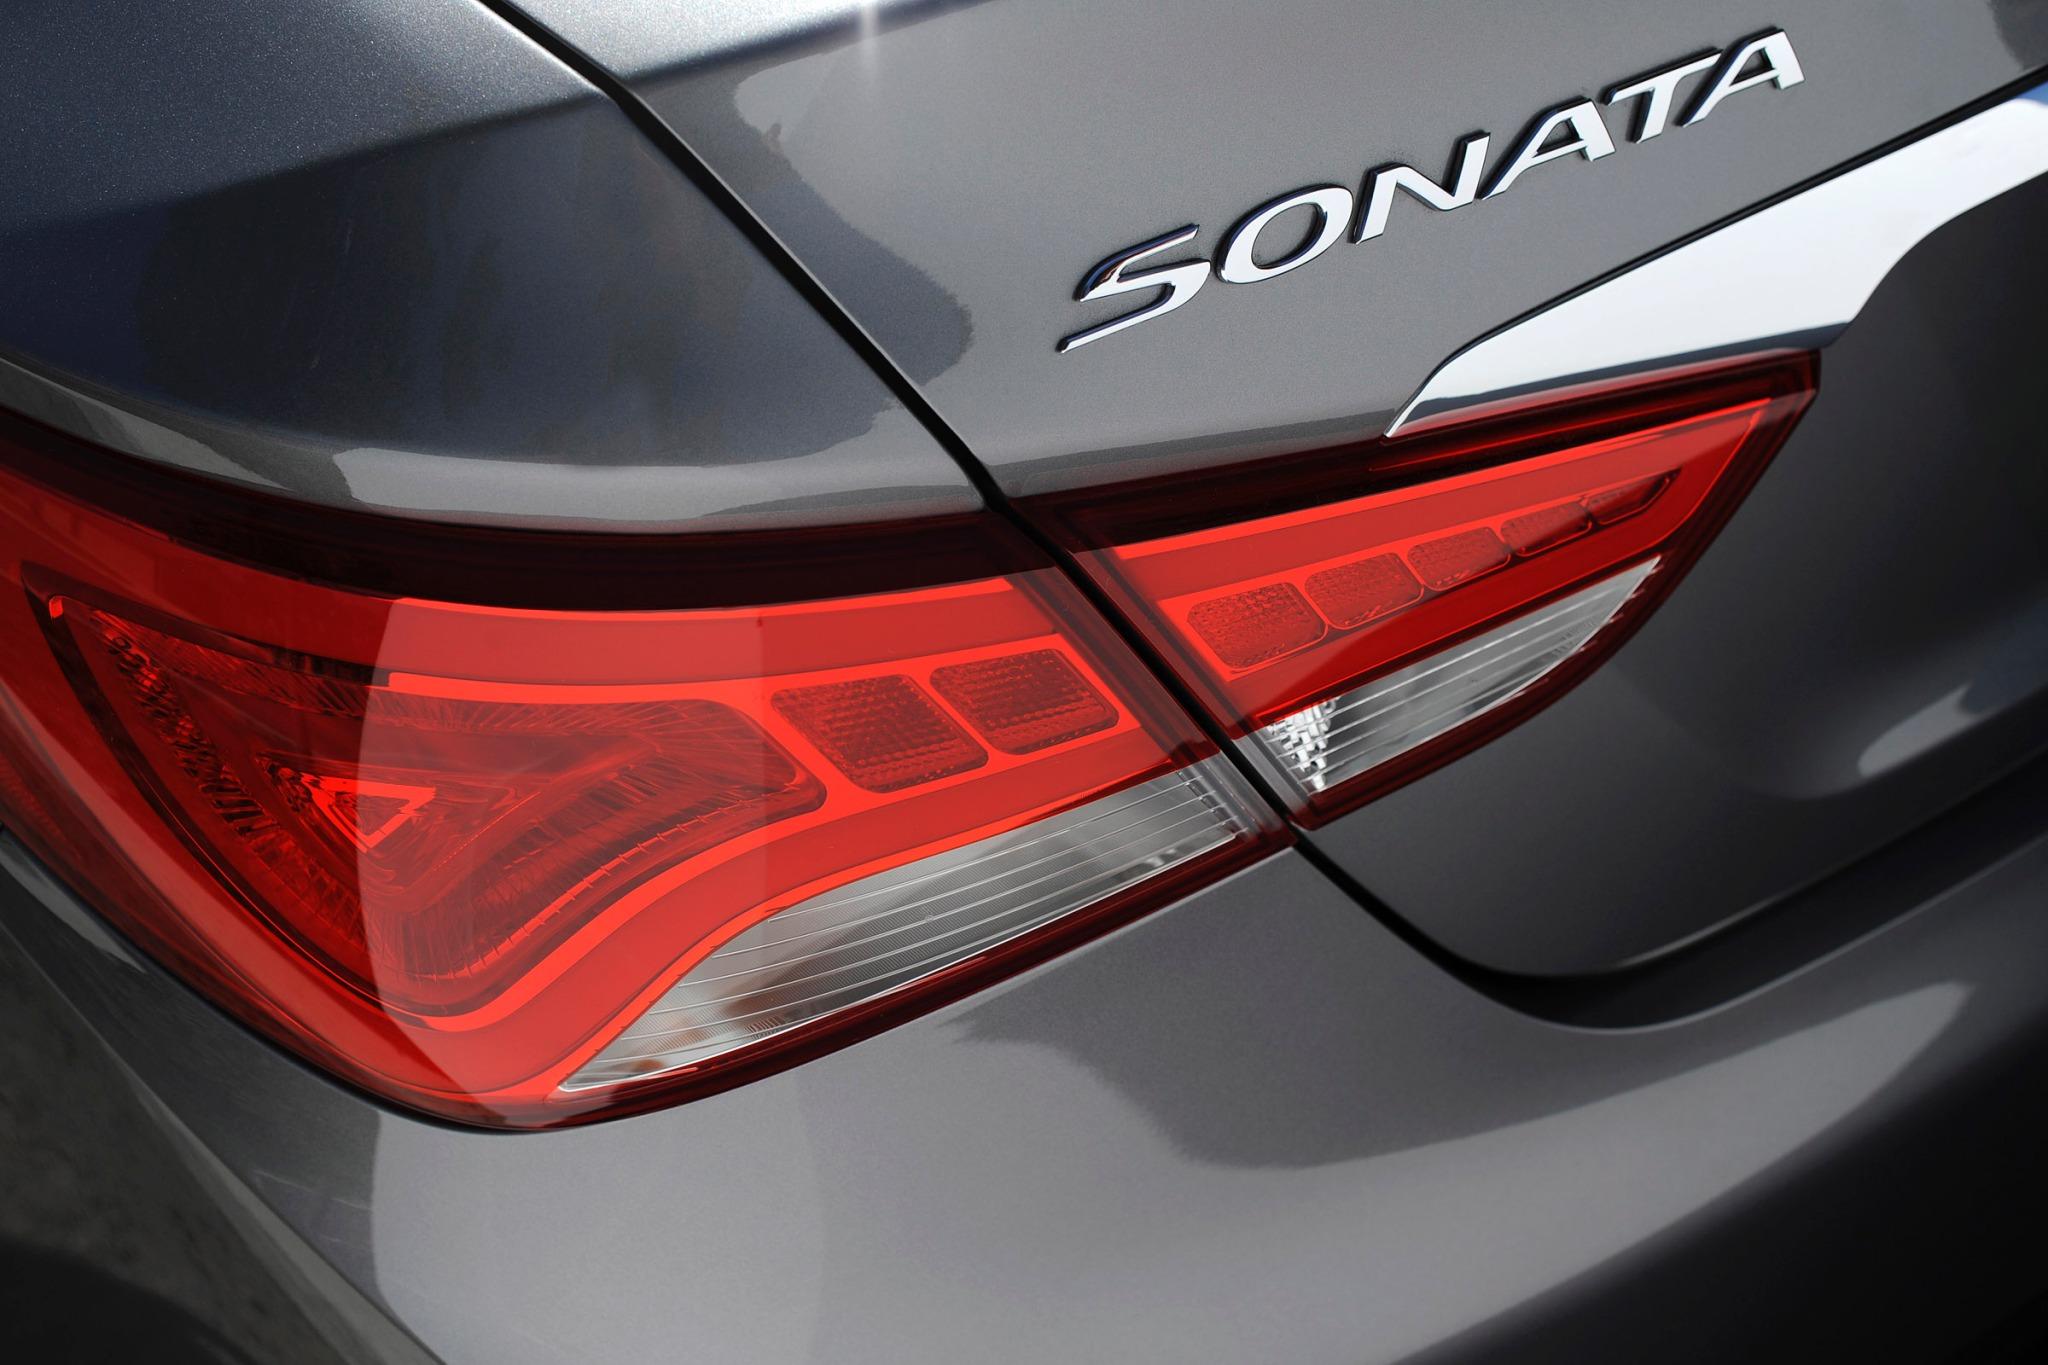 2014 Hyundai Sonata Image 7